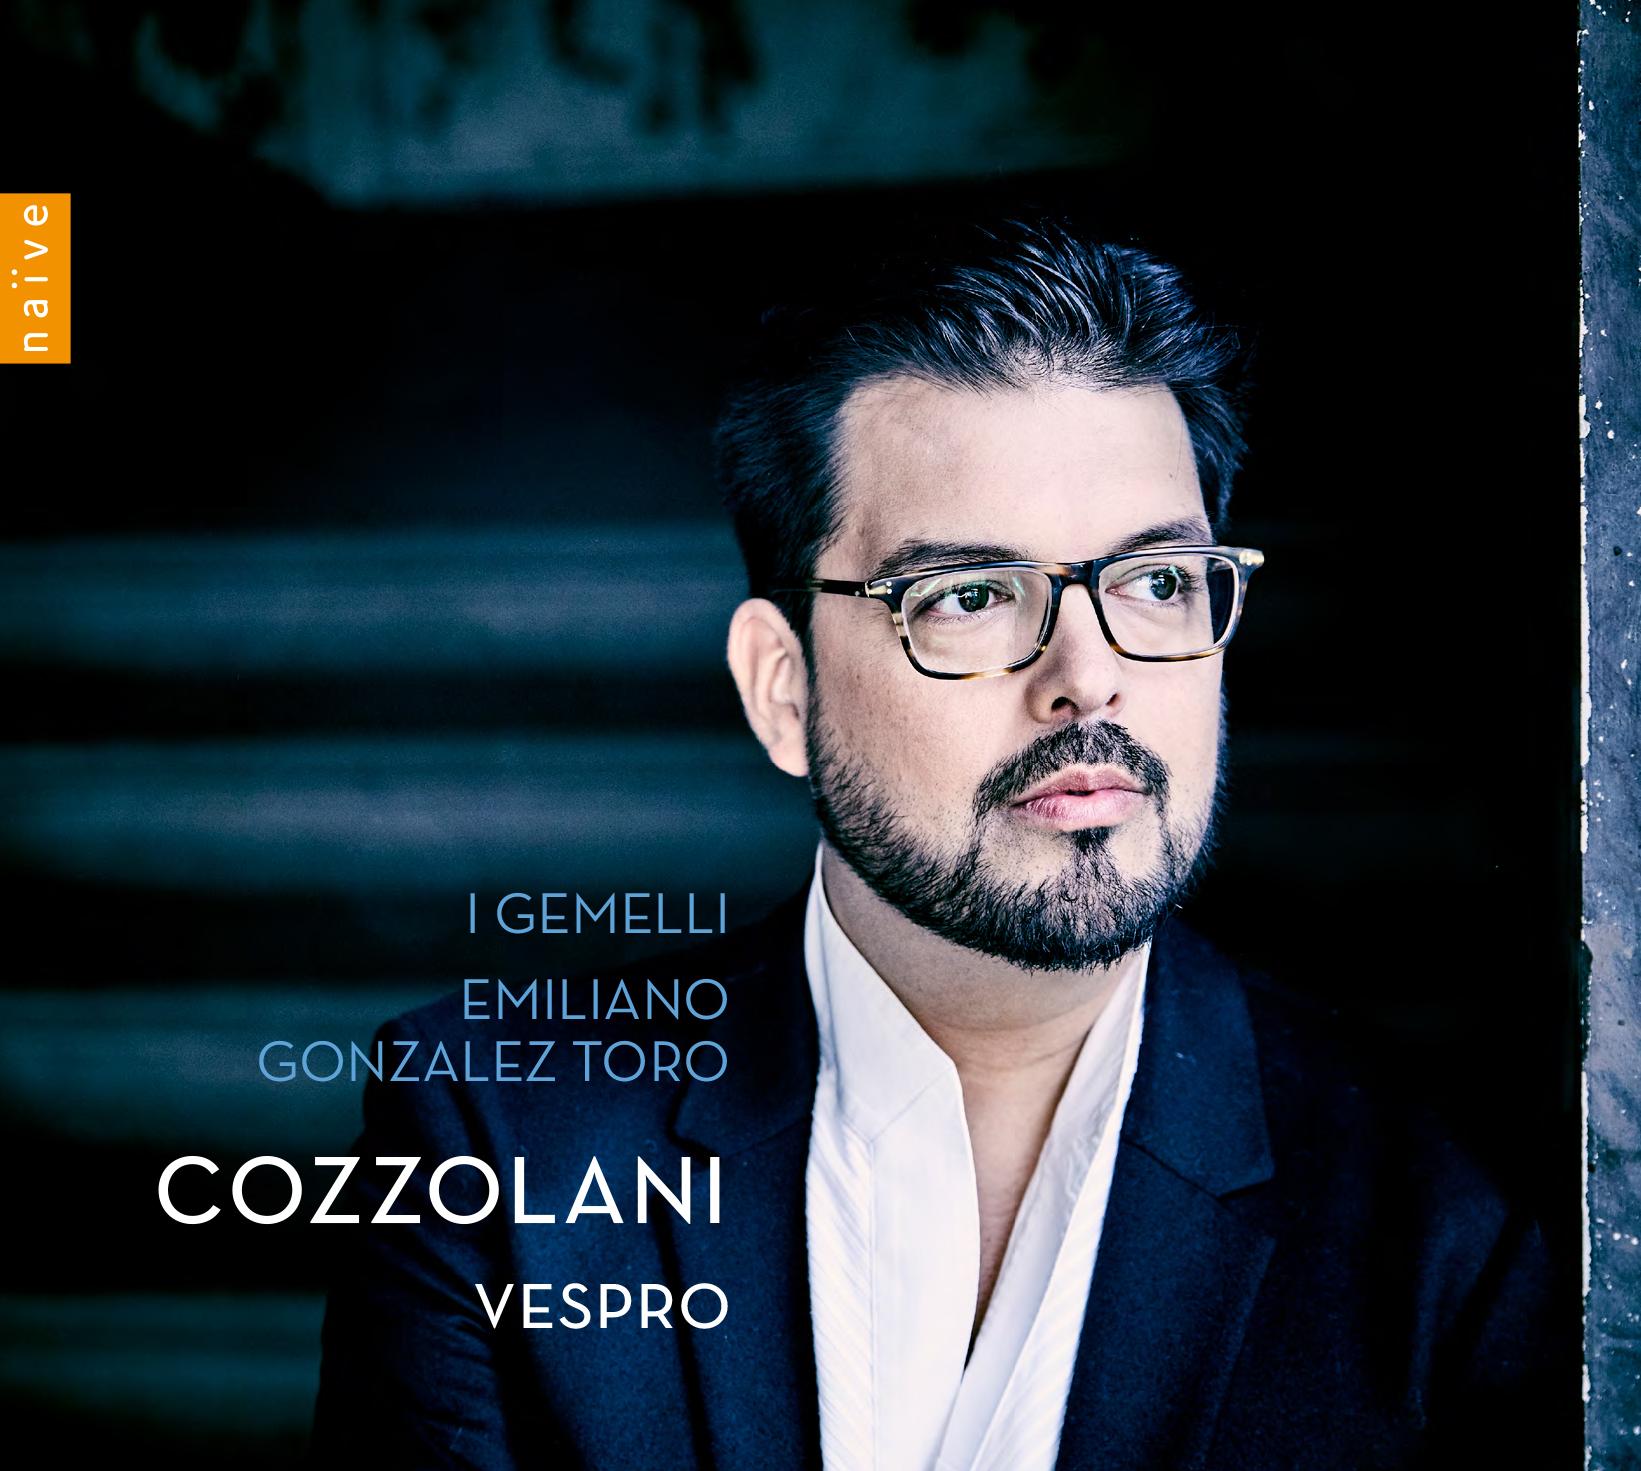 Cozzolani: Vespro (2019)